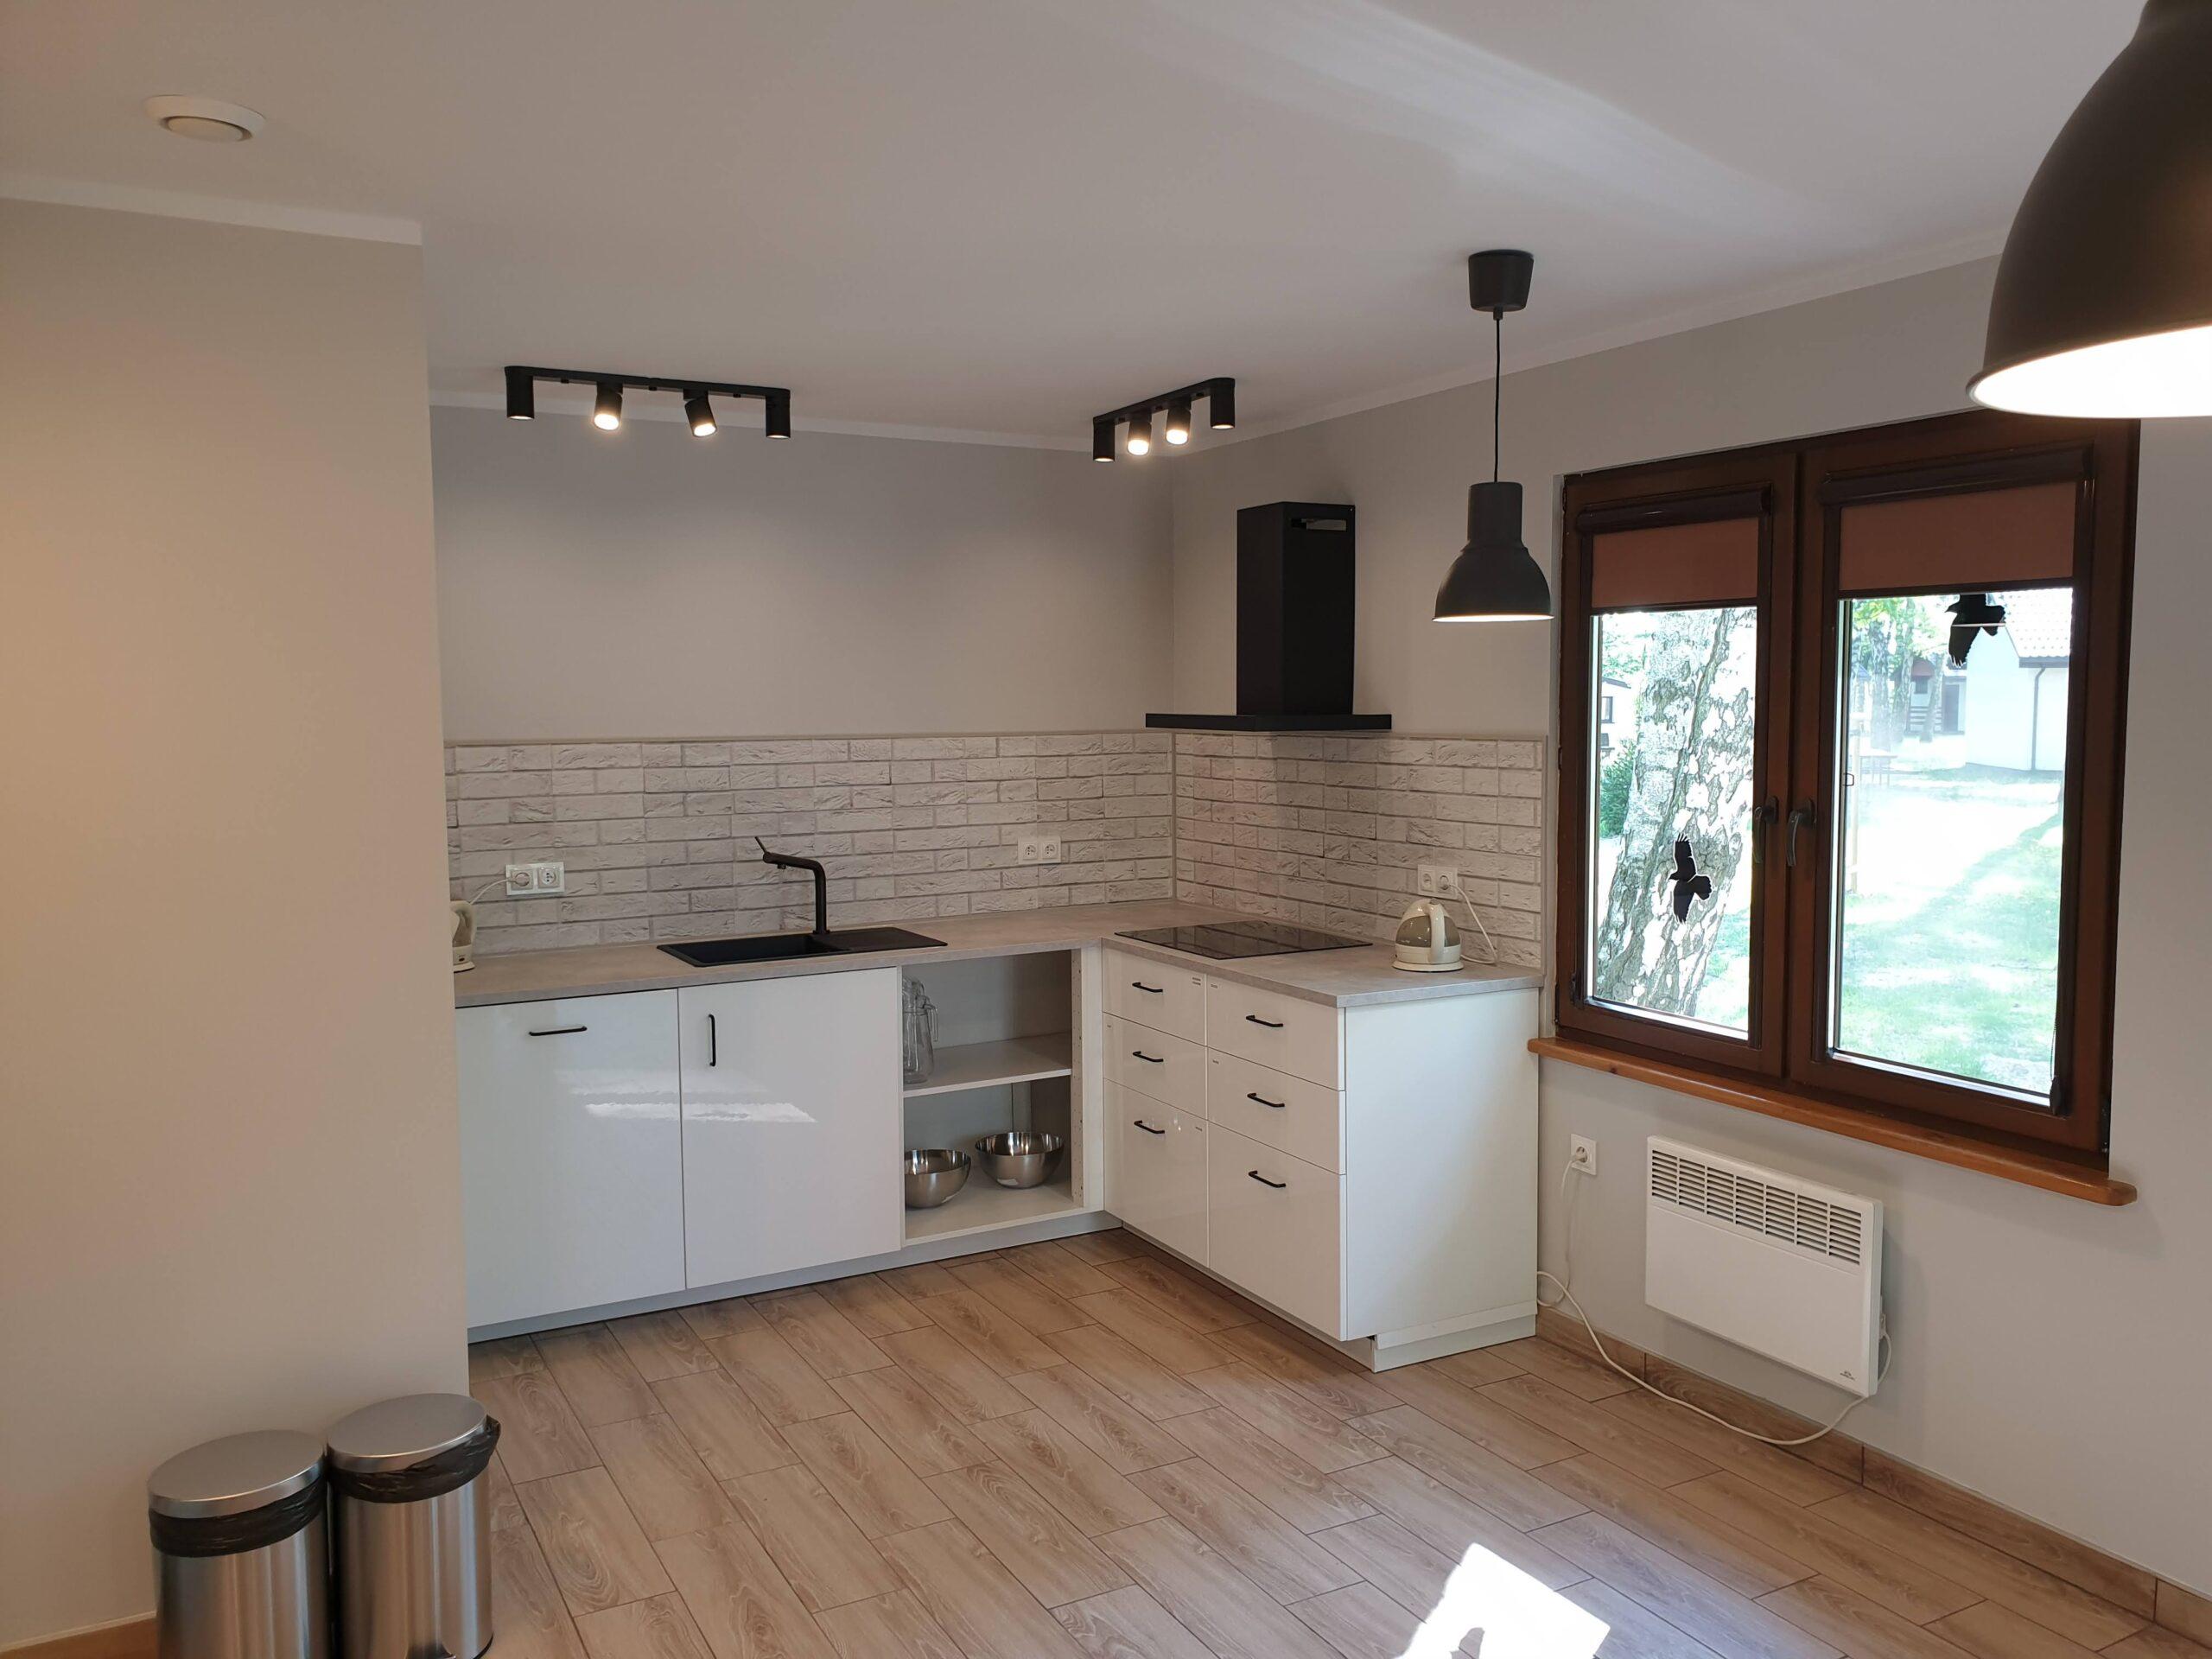 zdjęcie obrazujące wnętrze kuchni - stnowisko robocze narożne ze zlewem i płytą indukcyjną